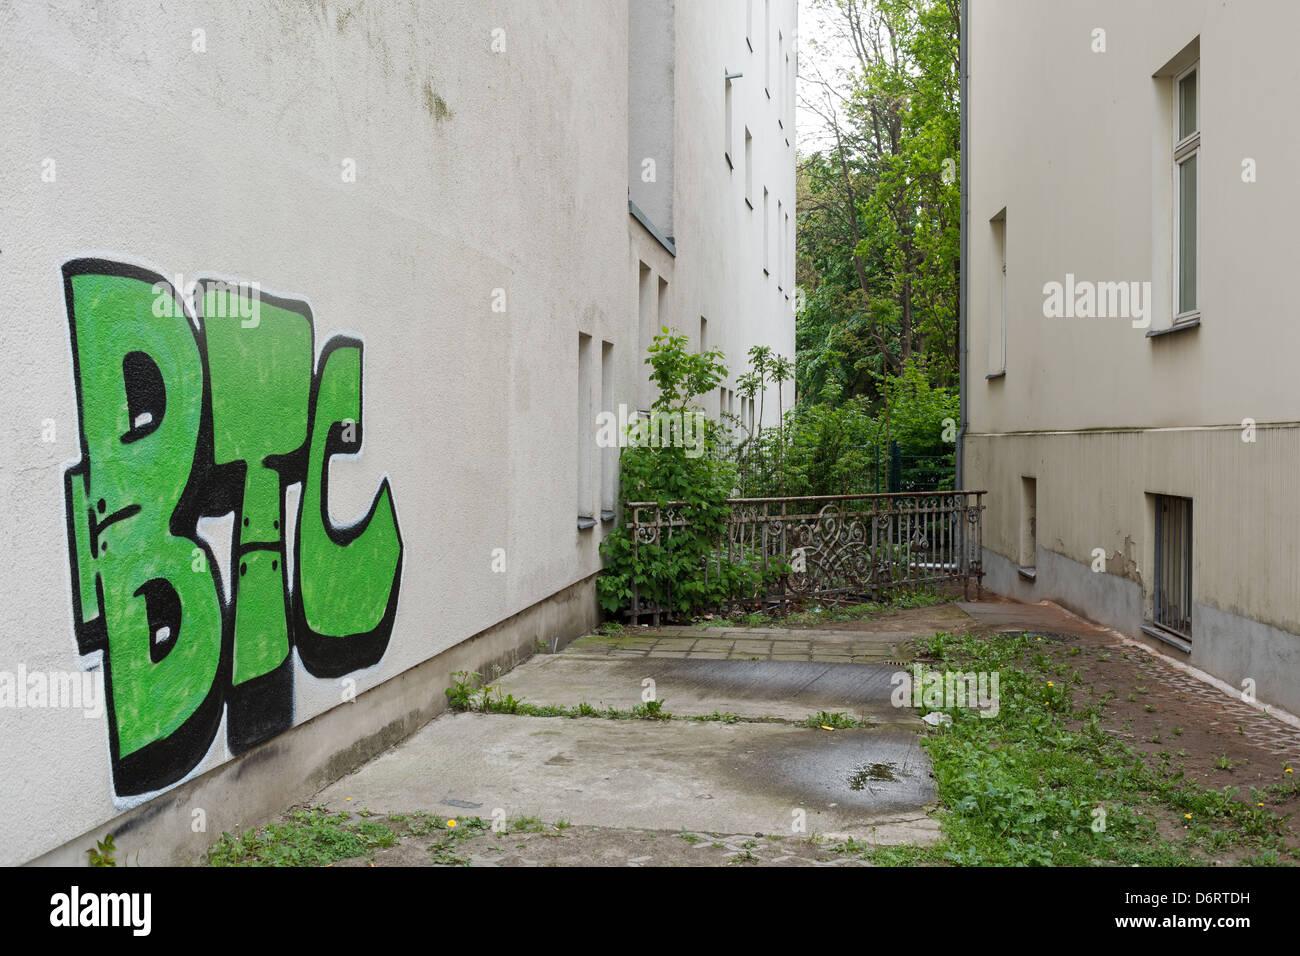 Berlin Deutschland Graffiti Im Hinterhof Eines Hauses In